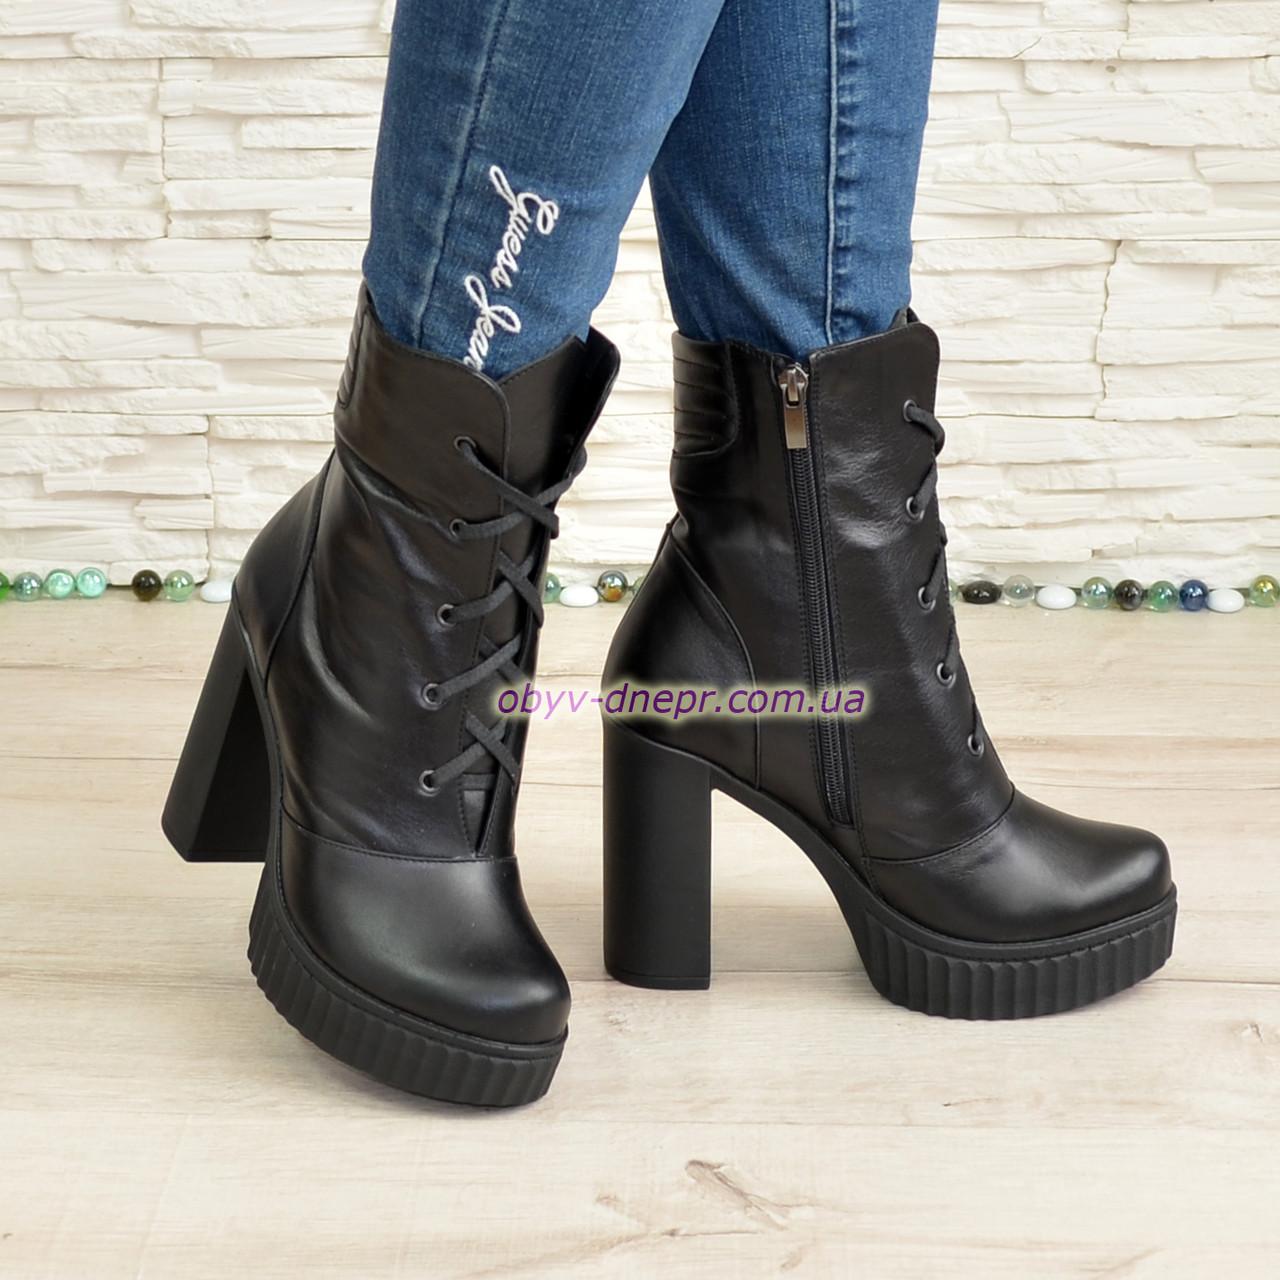 Ботинки зимние кожаные на высоком устойчивом каблуке, цвет черный